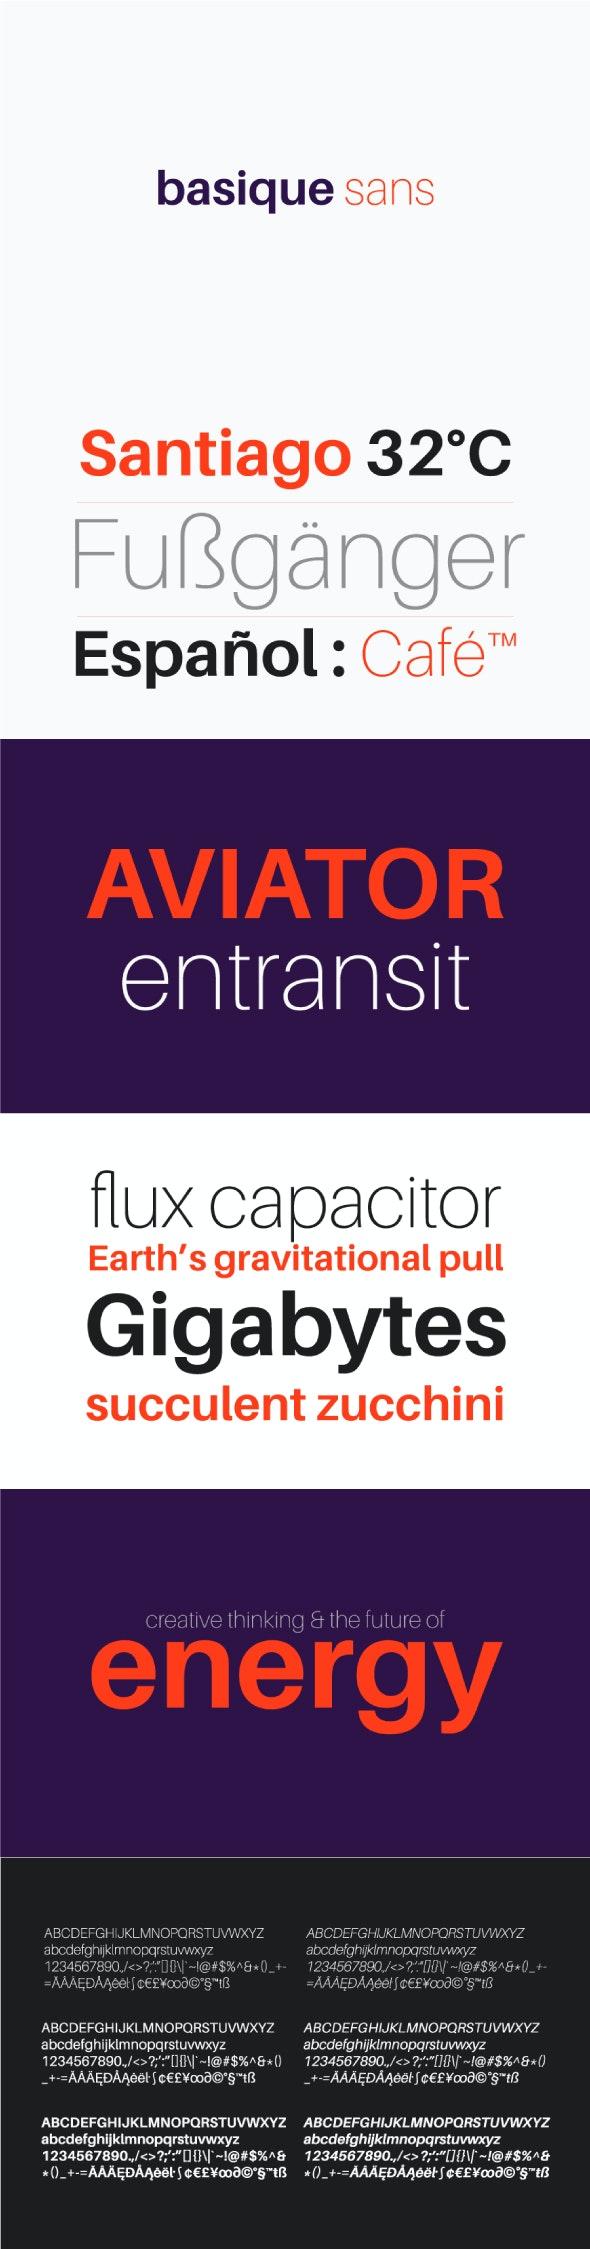 Basique Sans Font 3 Weights - Miscellaneous Sans-Serif